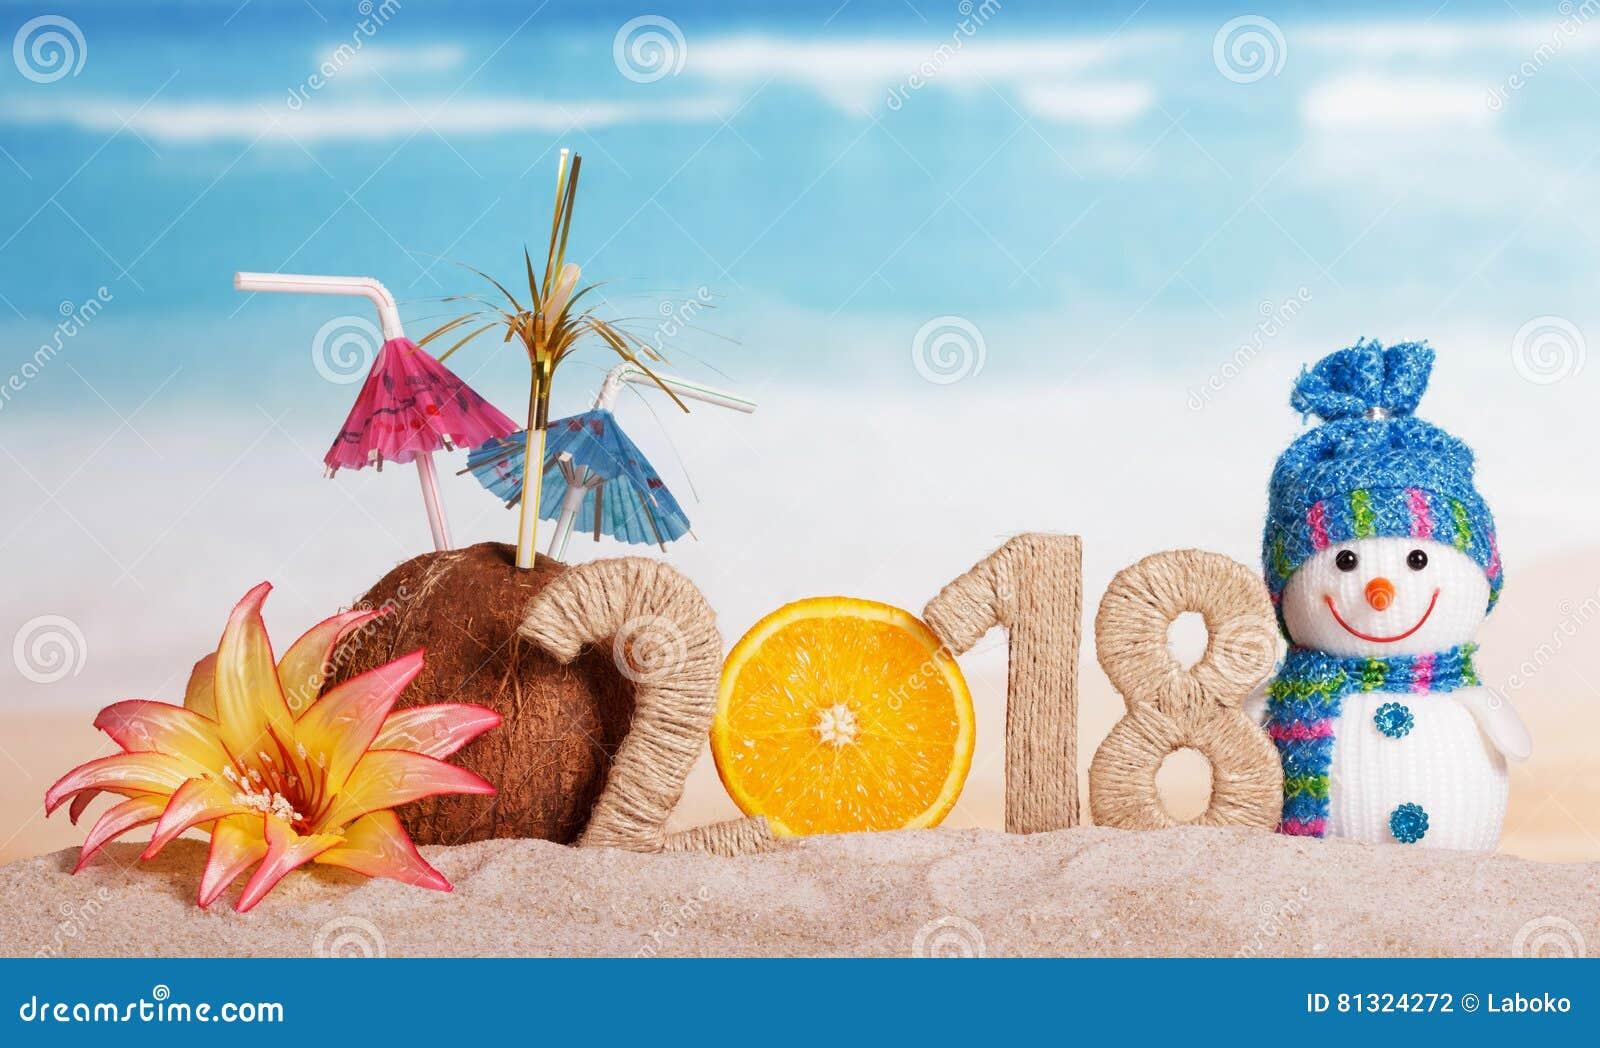 雪人和题字2018年,椰子,桔子,花